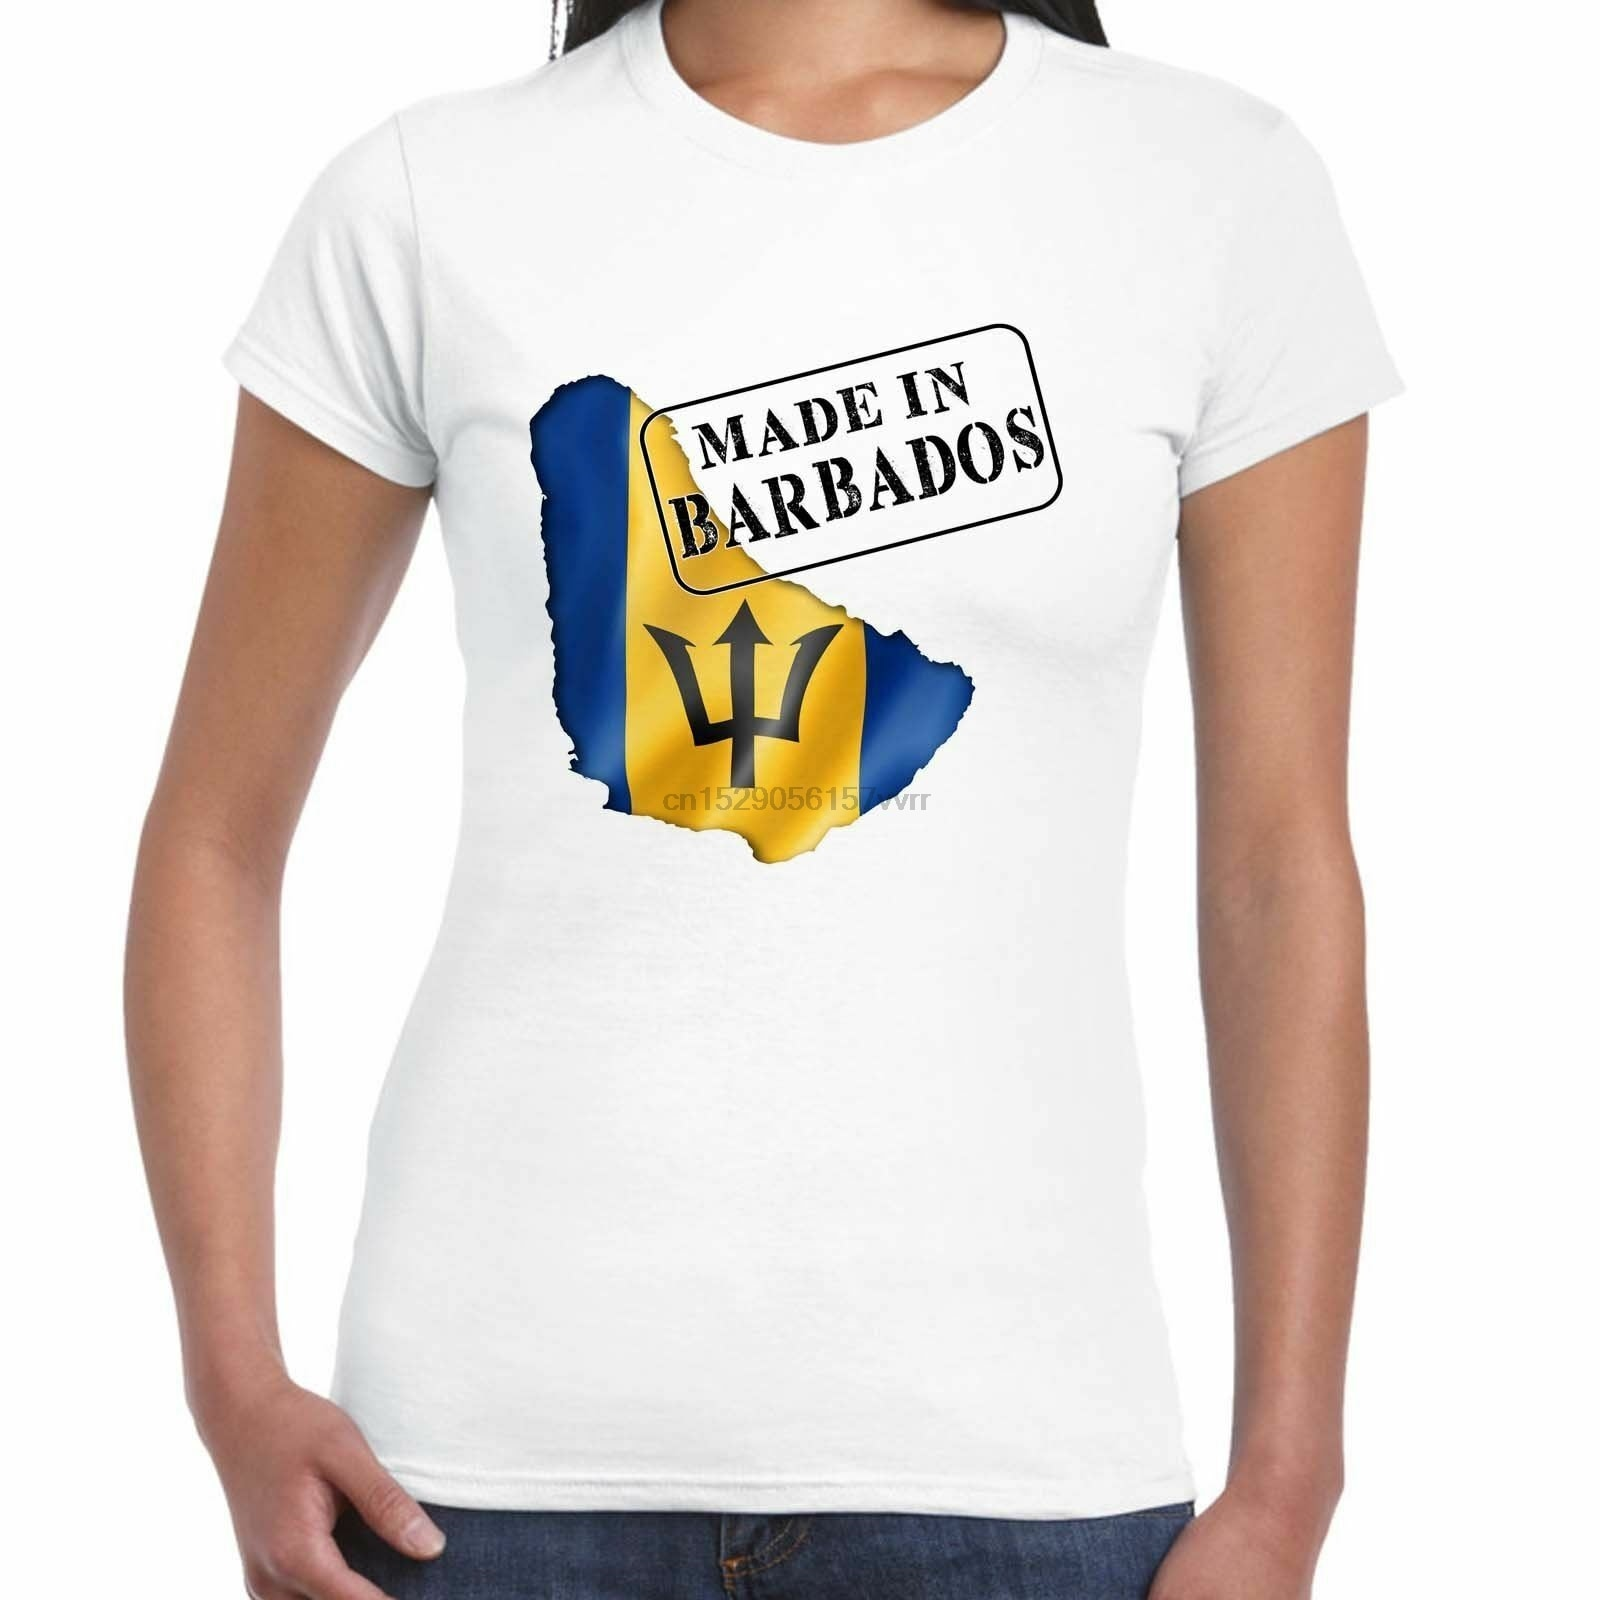 Camiseta con estampado de bandera de Barbados para mujer, Camiseta con estampado...